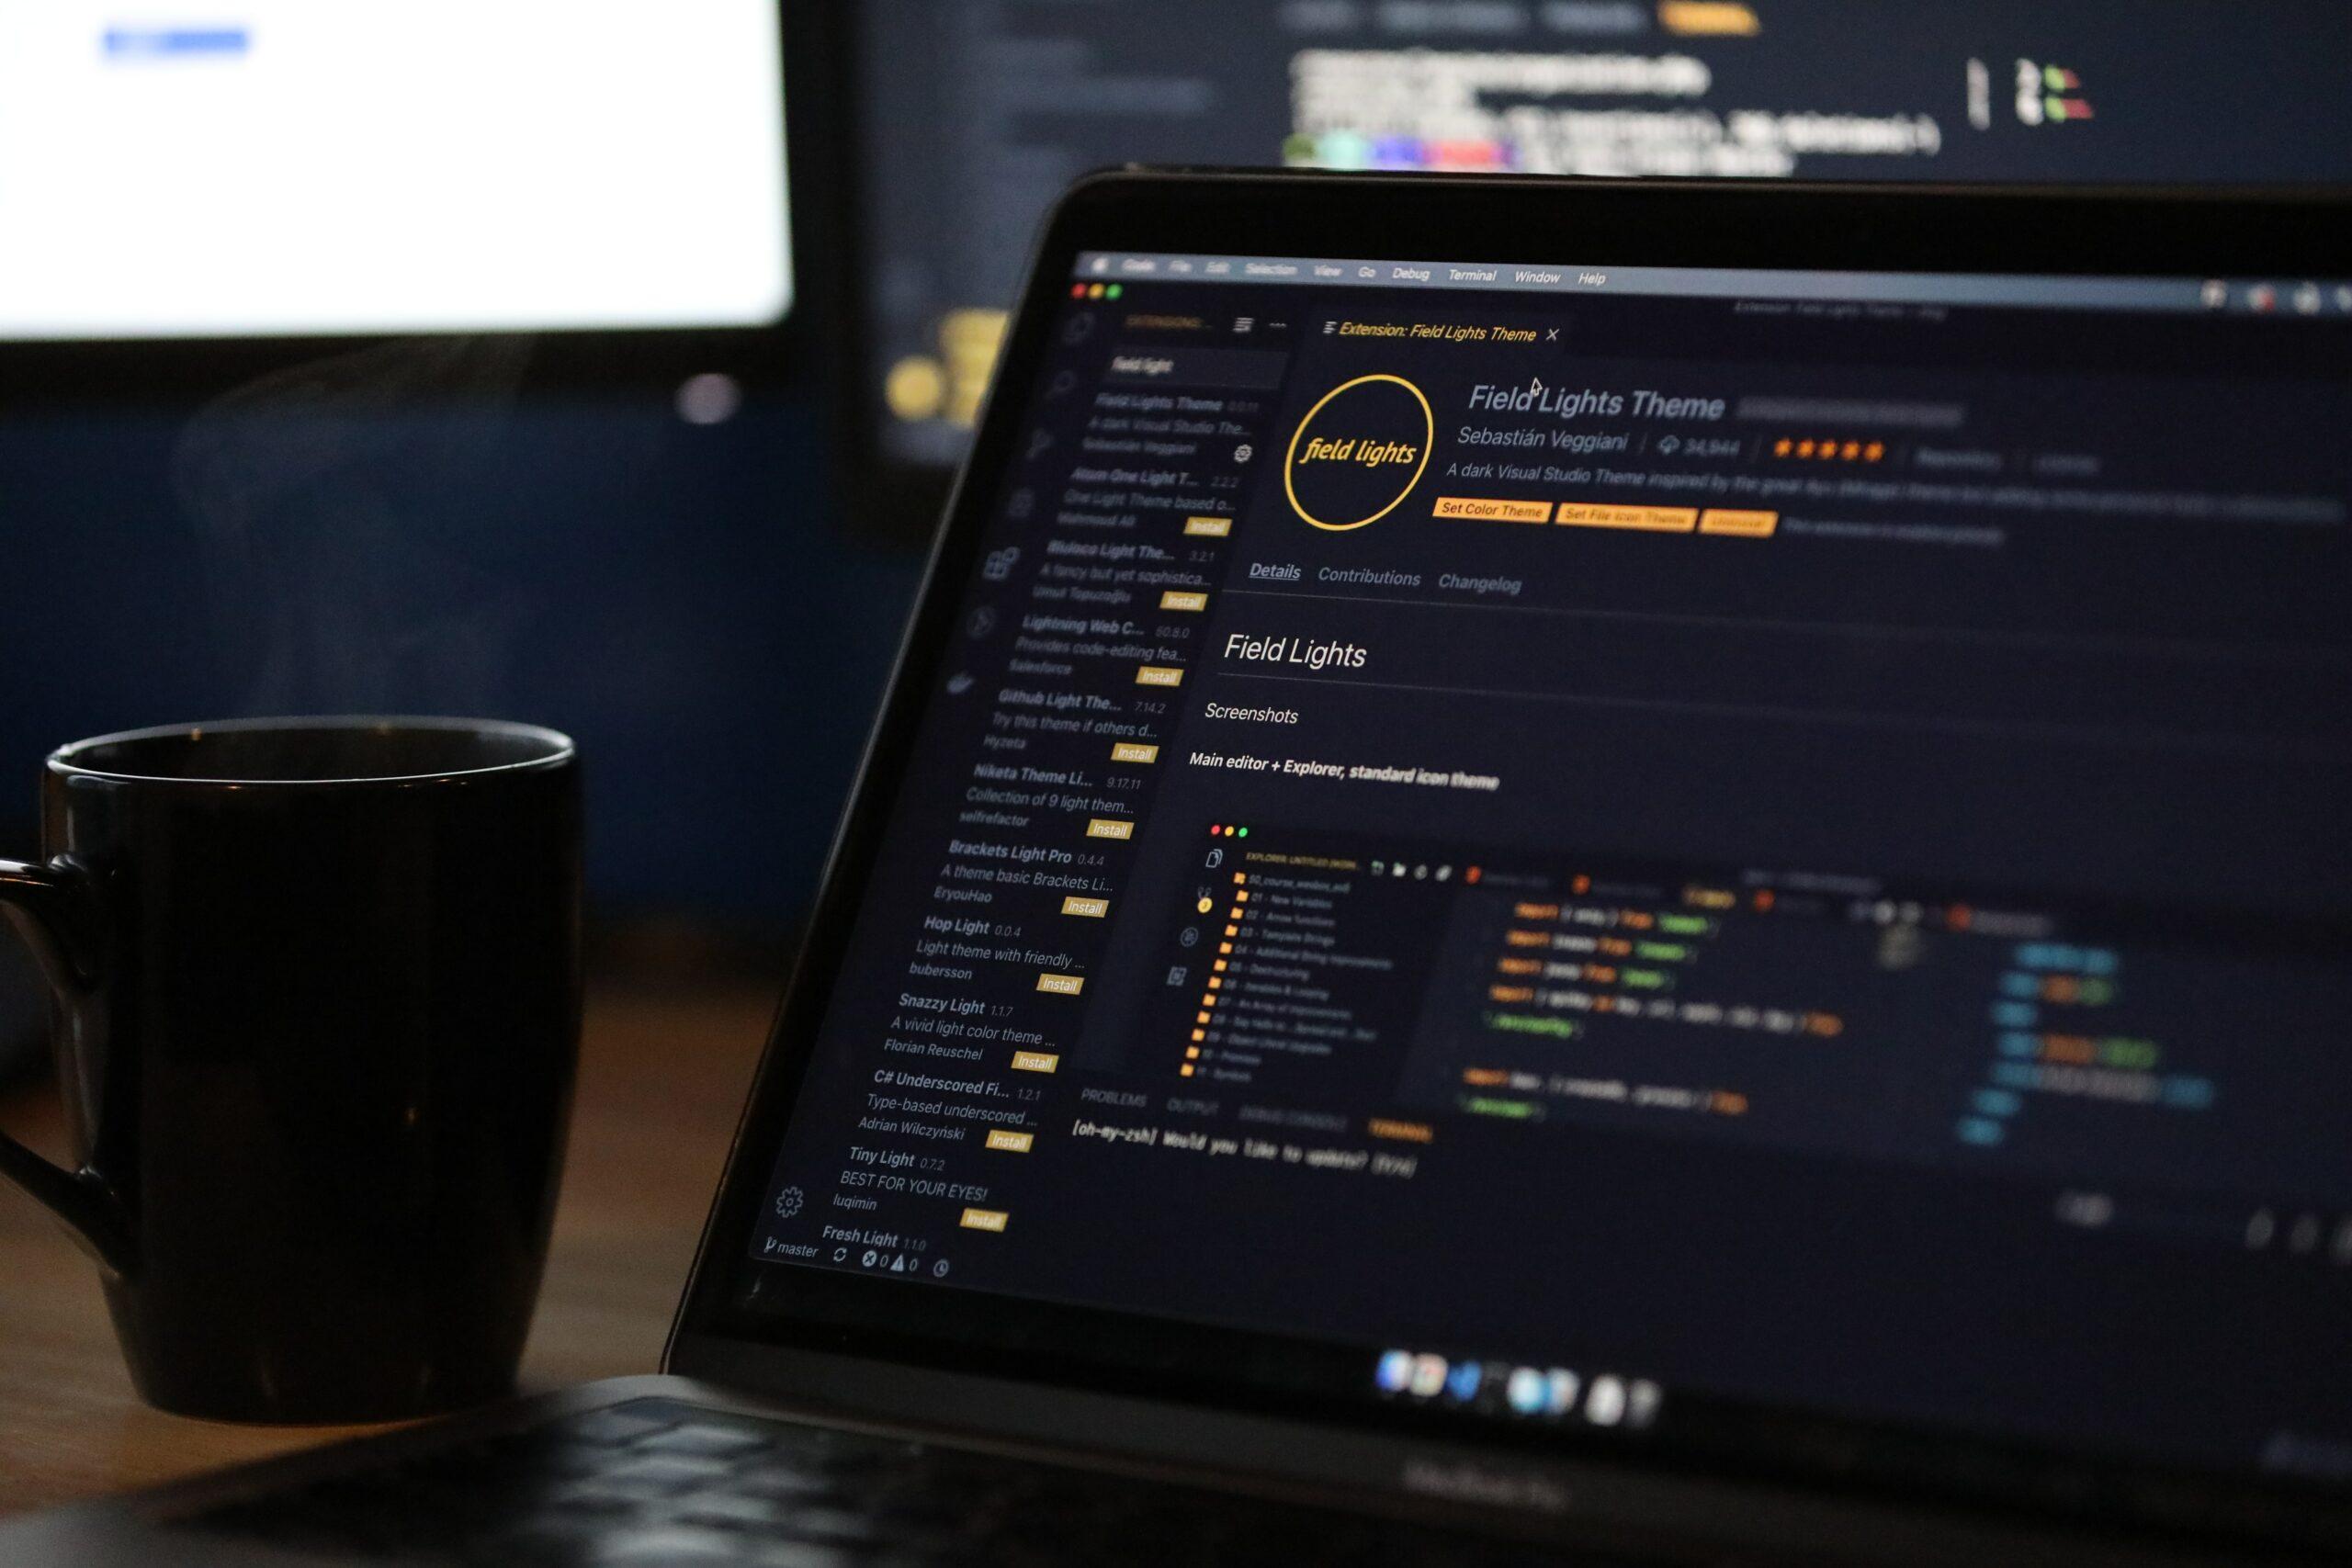 Auditorías de código fuente